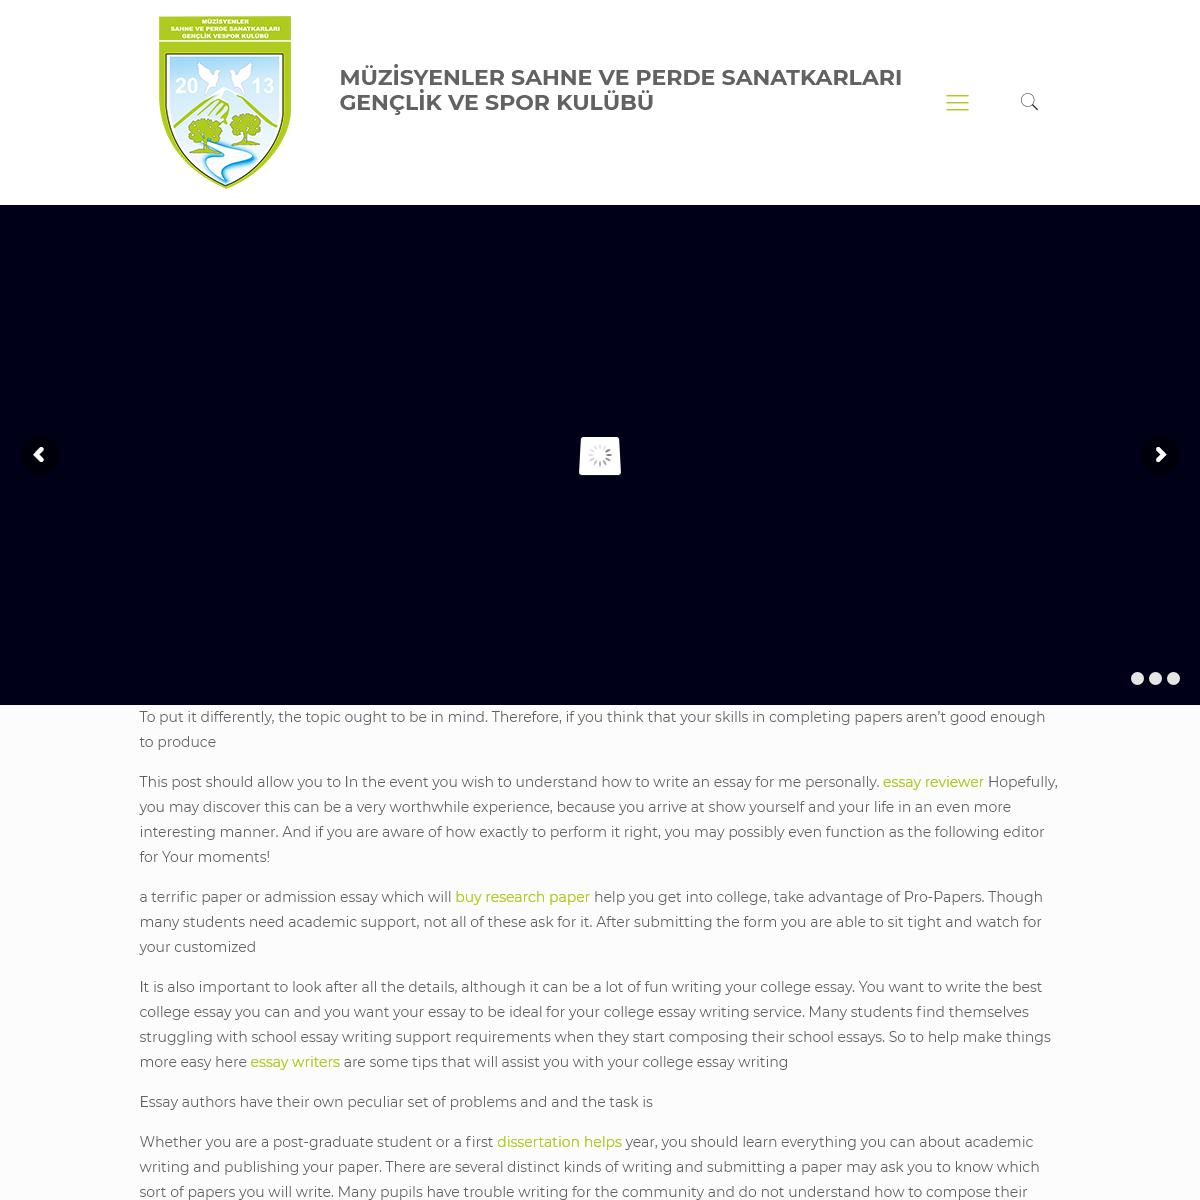 MÜZİSYENLER SAHNE VE PERDE SANATKARLARI GENÇLİK VE SPOR KULÜBÜ – Resmi Web Sitesi